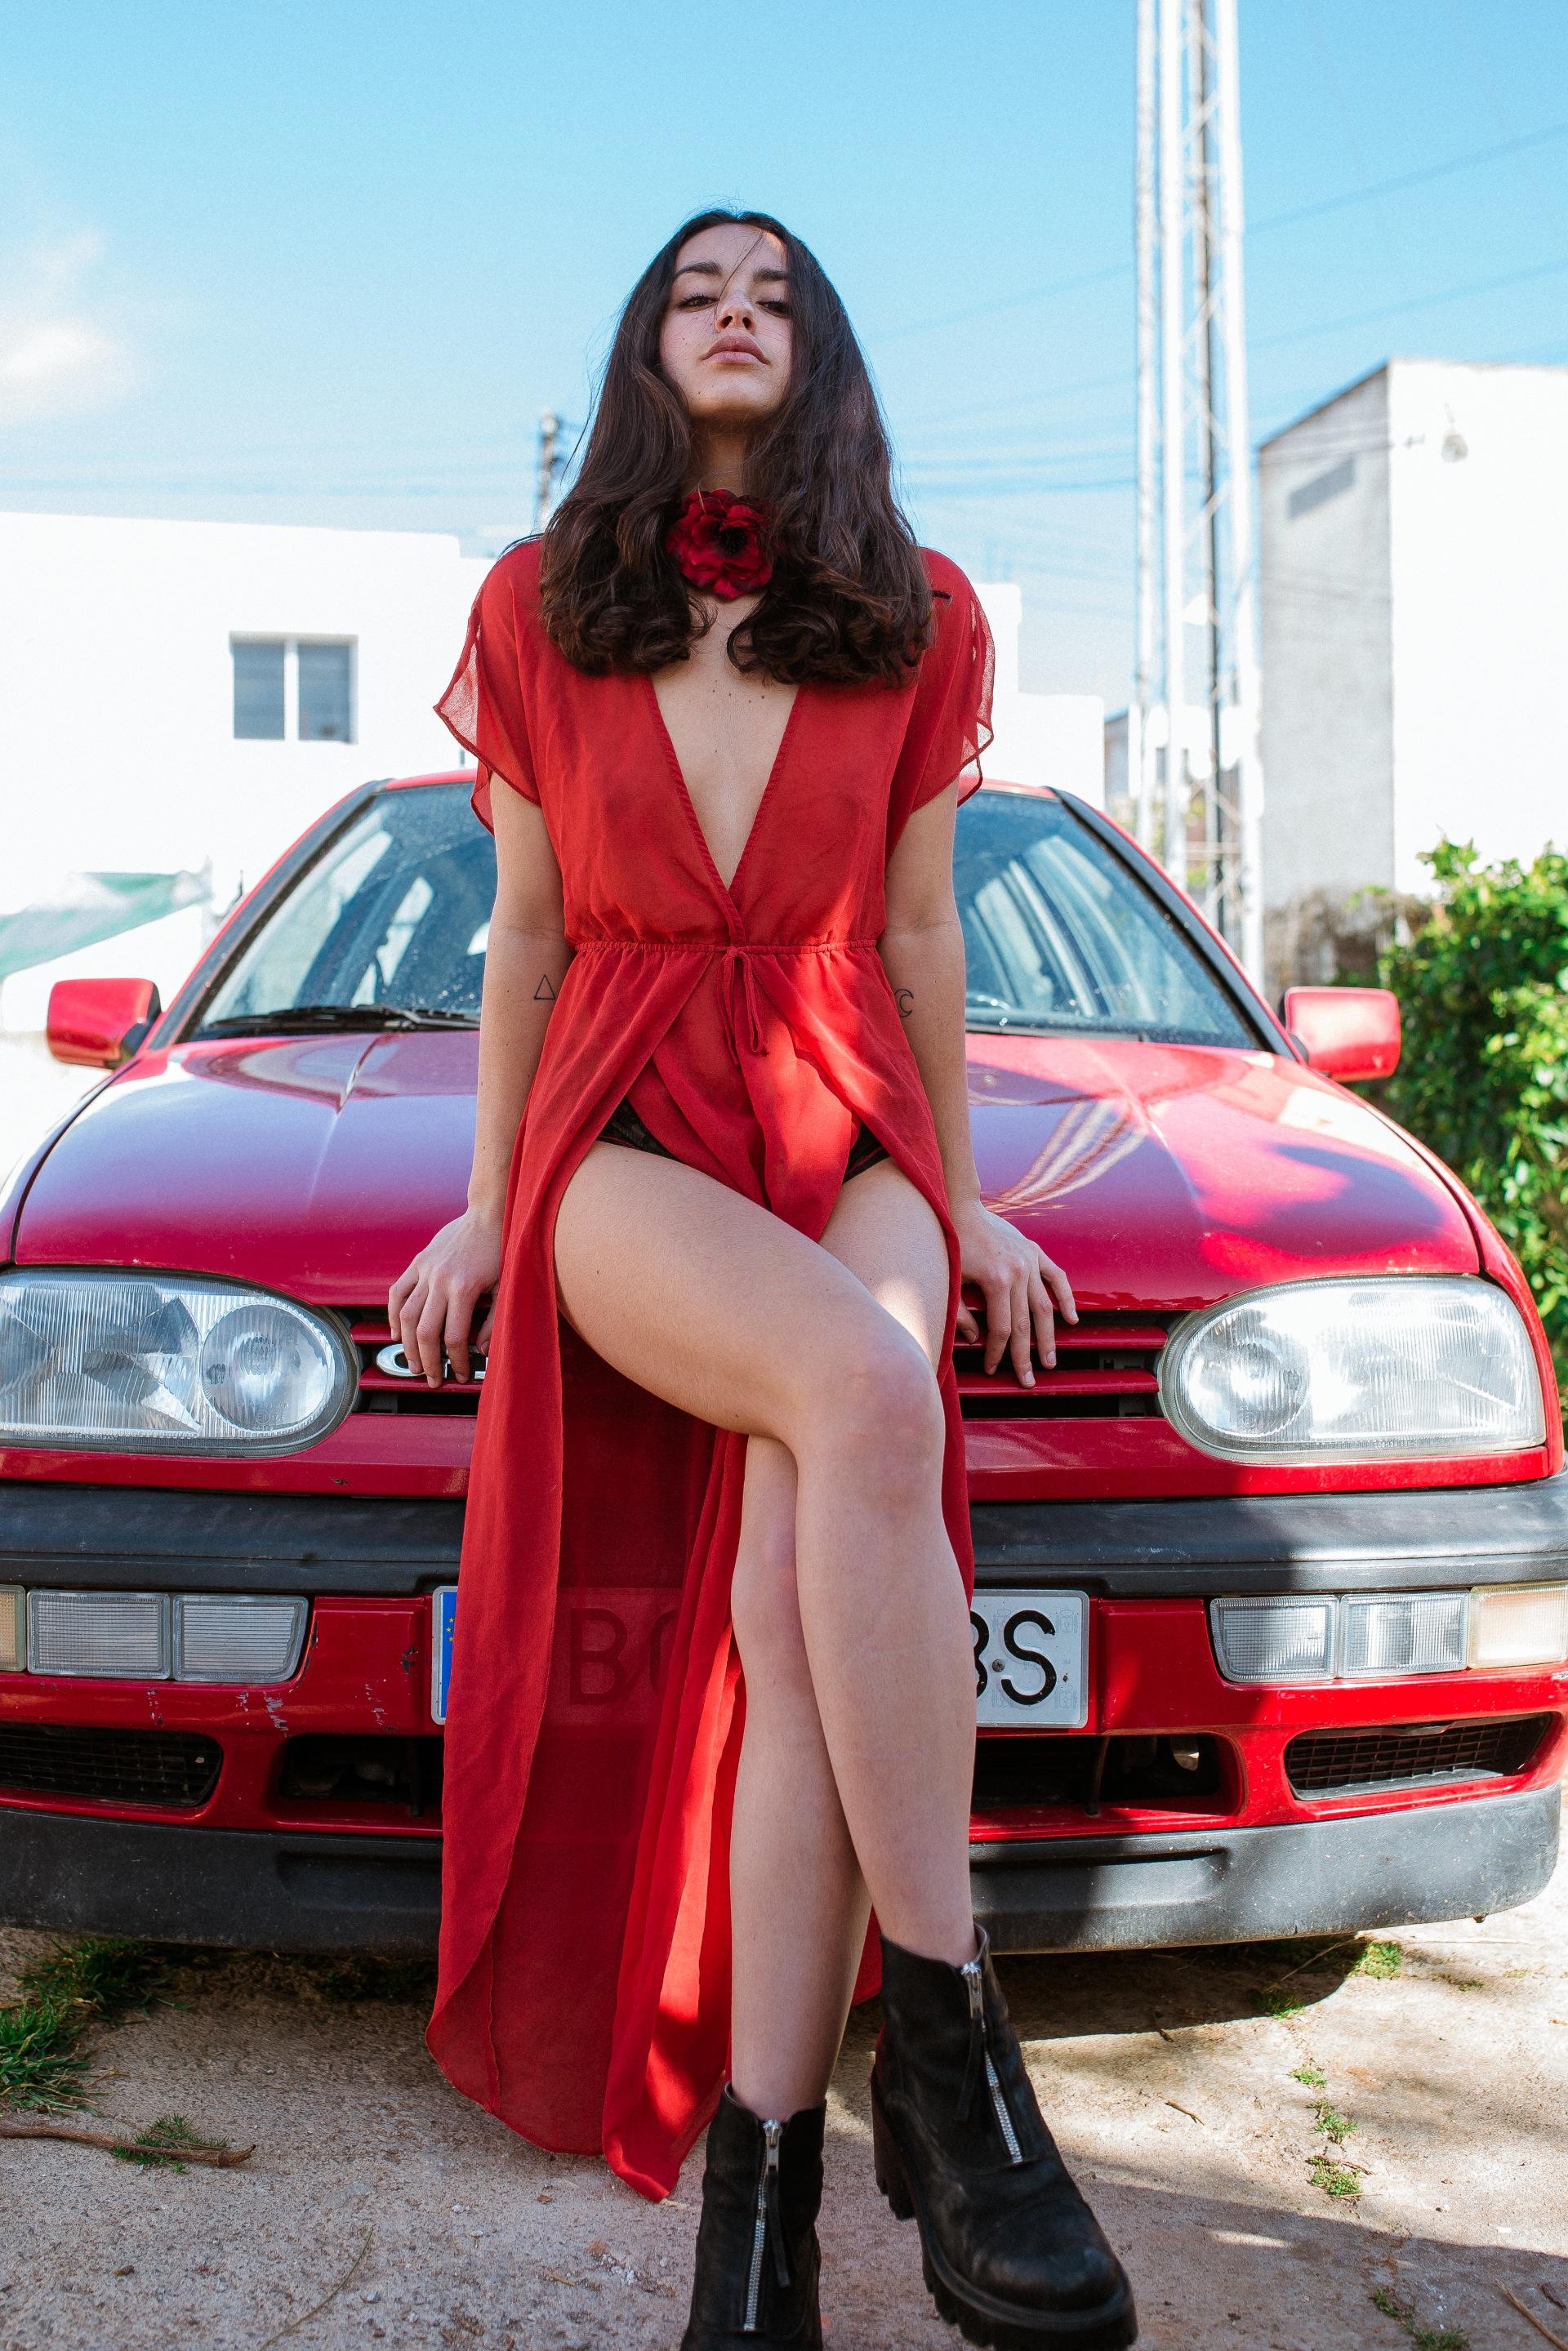 Carla Guetta by Rosa Scipion